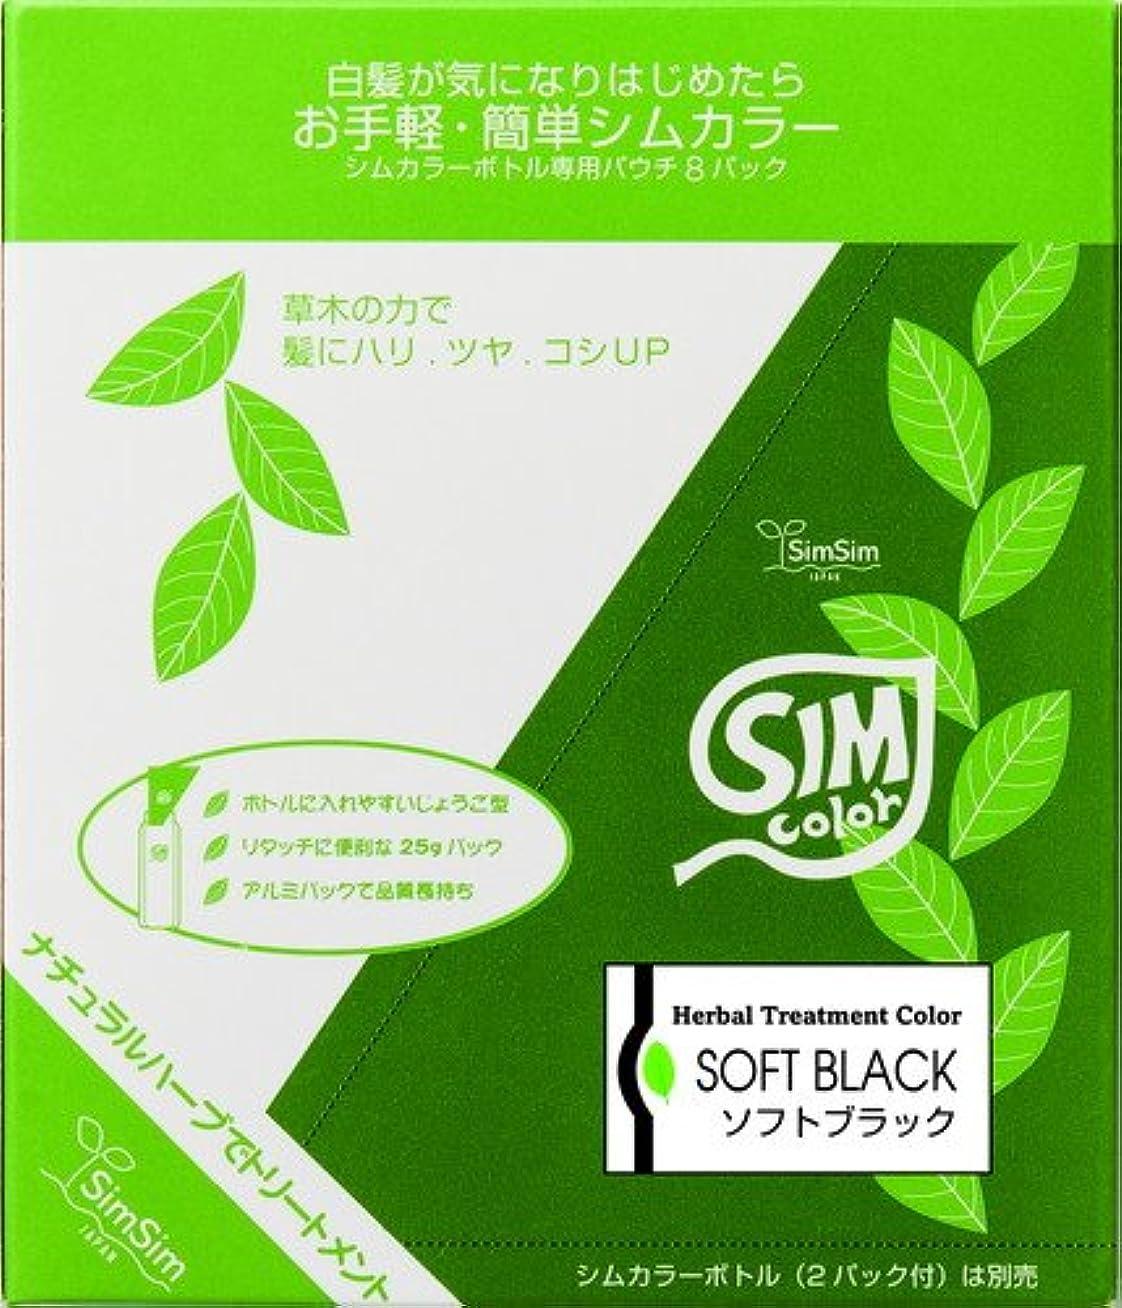 不明瞭恐れワンダーSimSim(シムシム)お手軽簡単シムカラーエクストラ(EX)25g 8袋 ソフトブラック